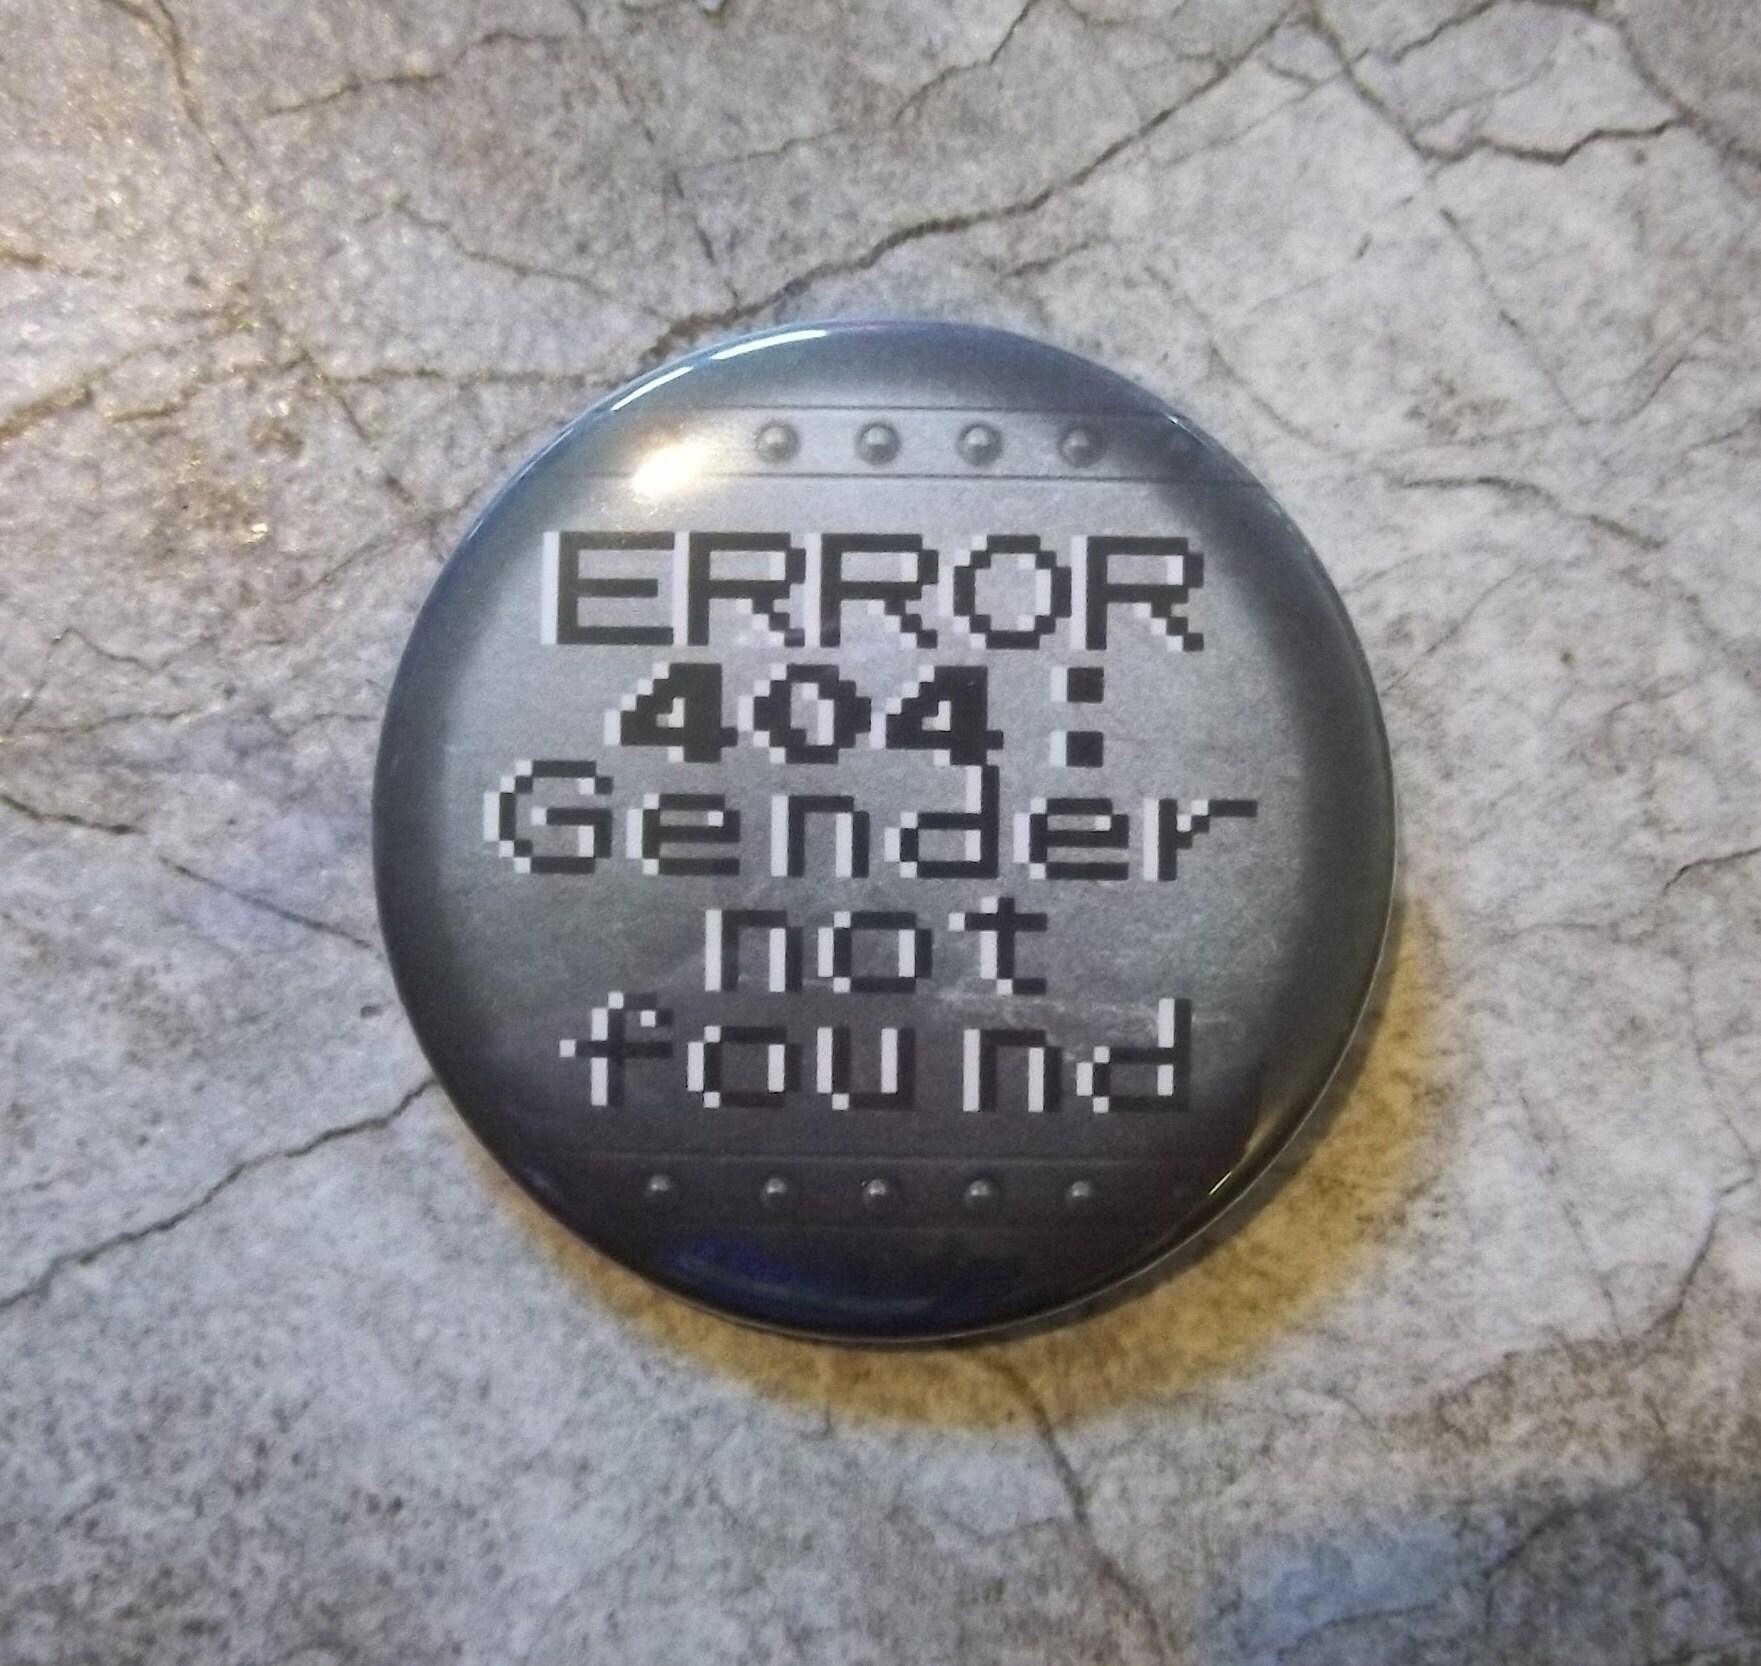 Hoodie Error 404 Gender Not Found Agender Pronouns LGBTQ